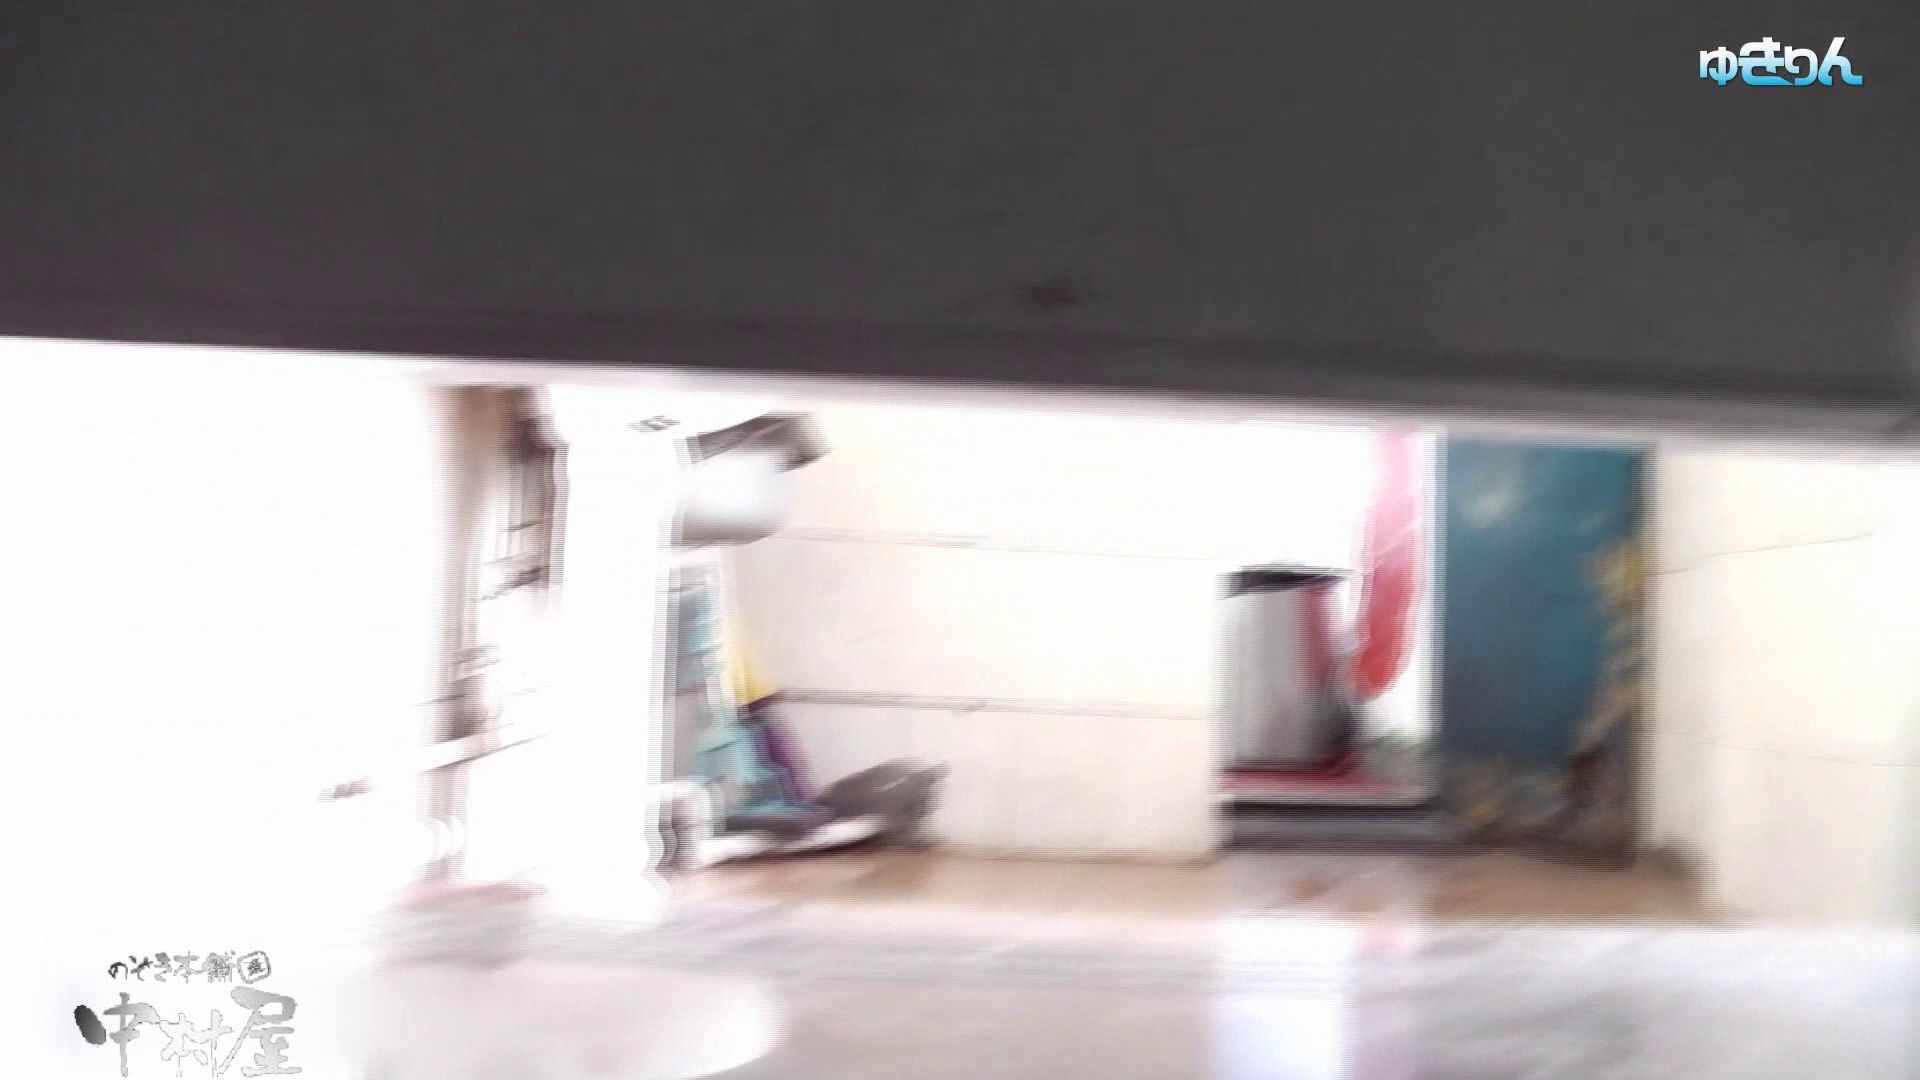 世界の射窓から~ステーション編~vol63 ハイヒール花柄に注目 前編 OL  43pic 16